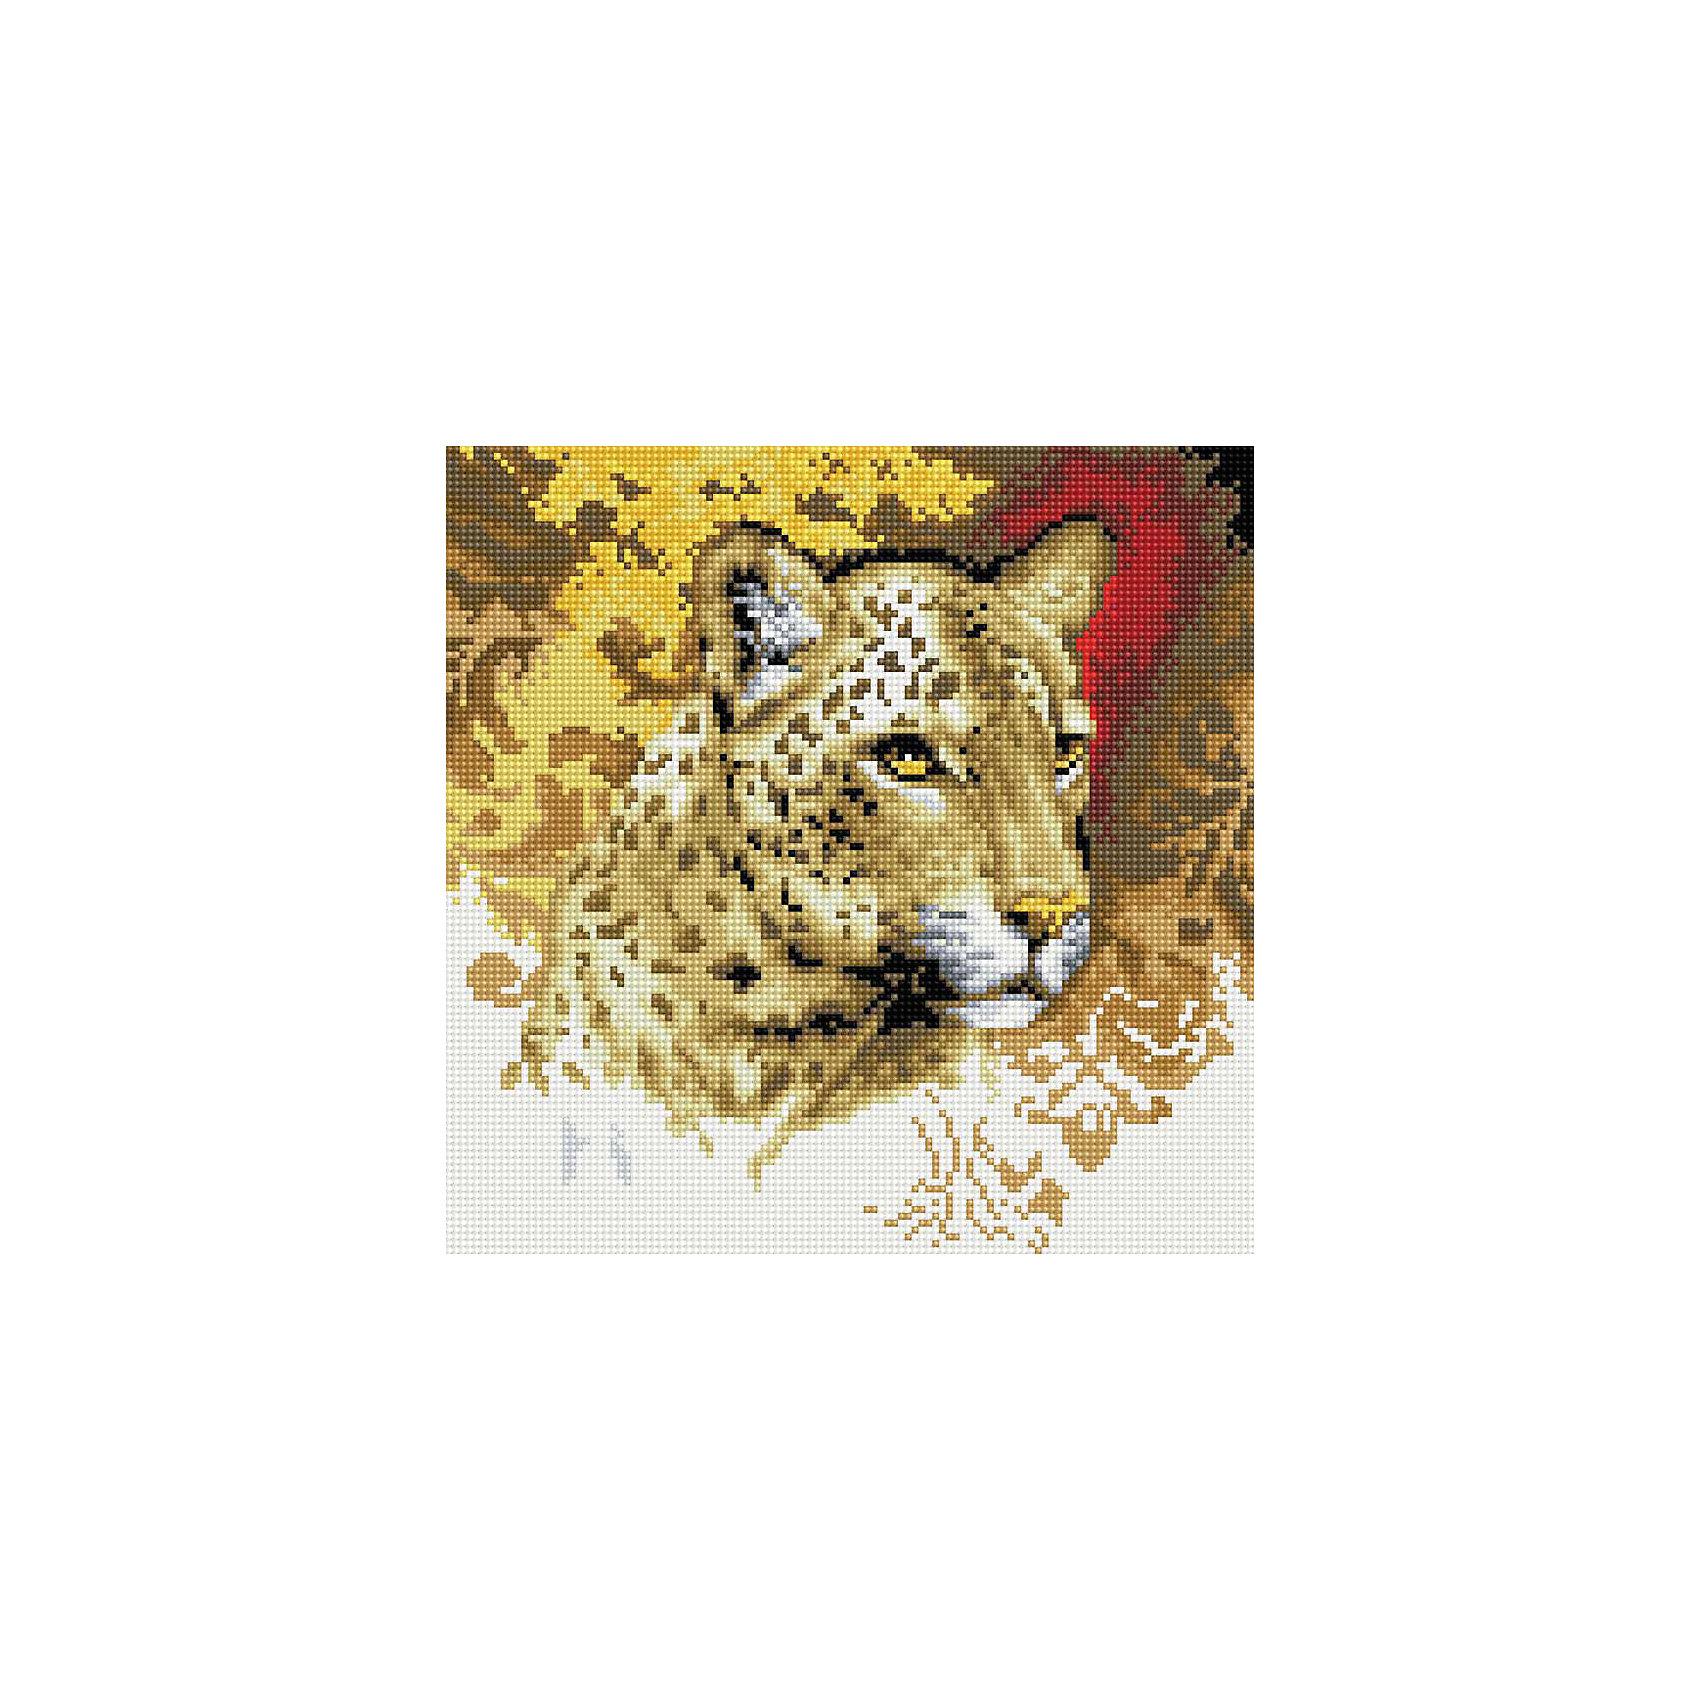 Мозаика на подрамнике Портрет леопардаМозаика<br>Мозаика на подрамнике<br><br>Ширина мм: 310<br>Глубина мм: 310<br>Высота мм: 25<br>Вес г: 767<br>Возраст от месяцев: 144<br>Возраст до месяцев: 192<br>Пол: Унисекс<br>Возраст: Детский<br>SKU: 5089774